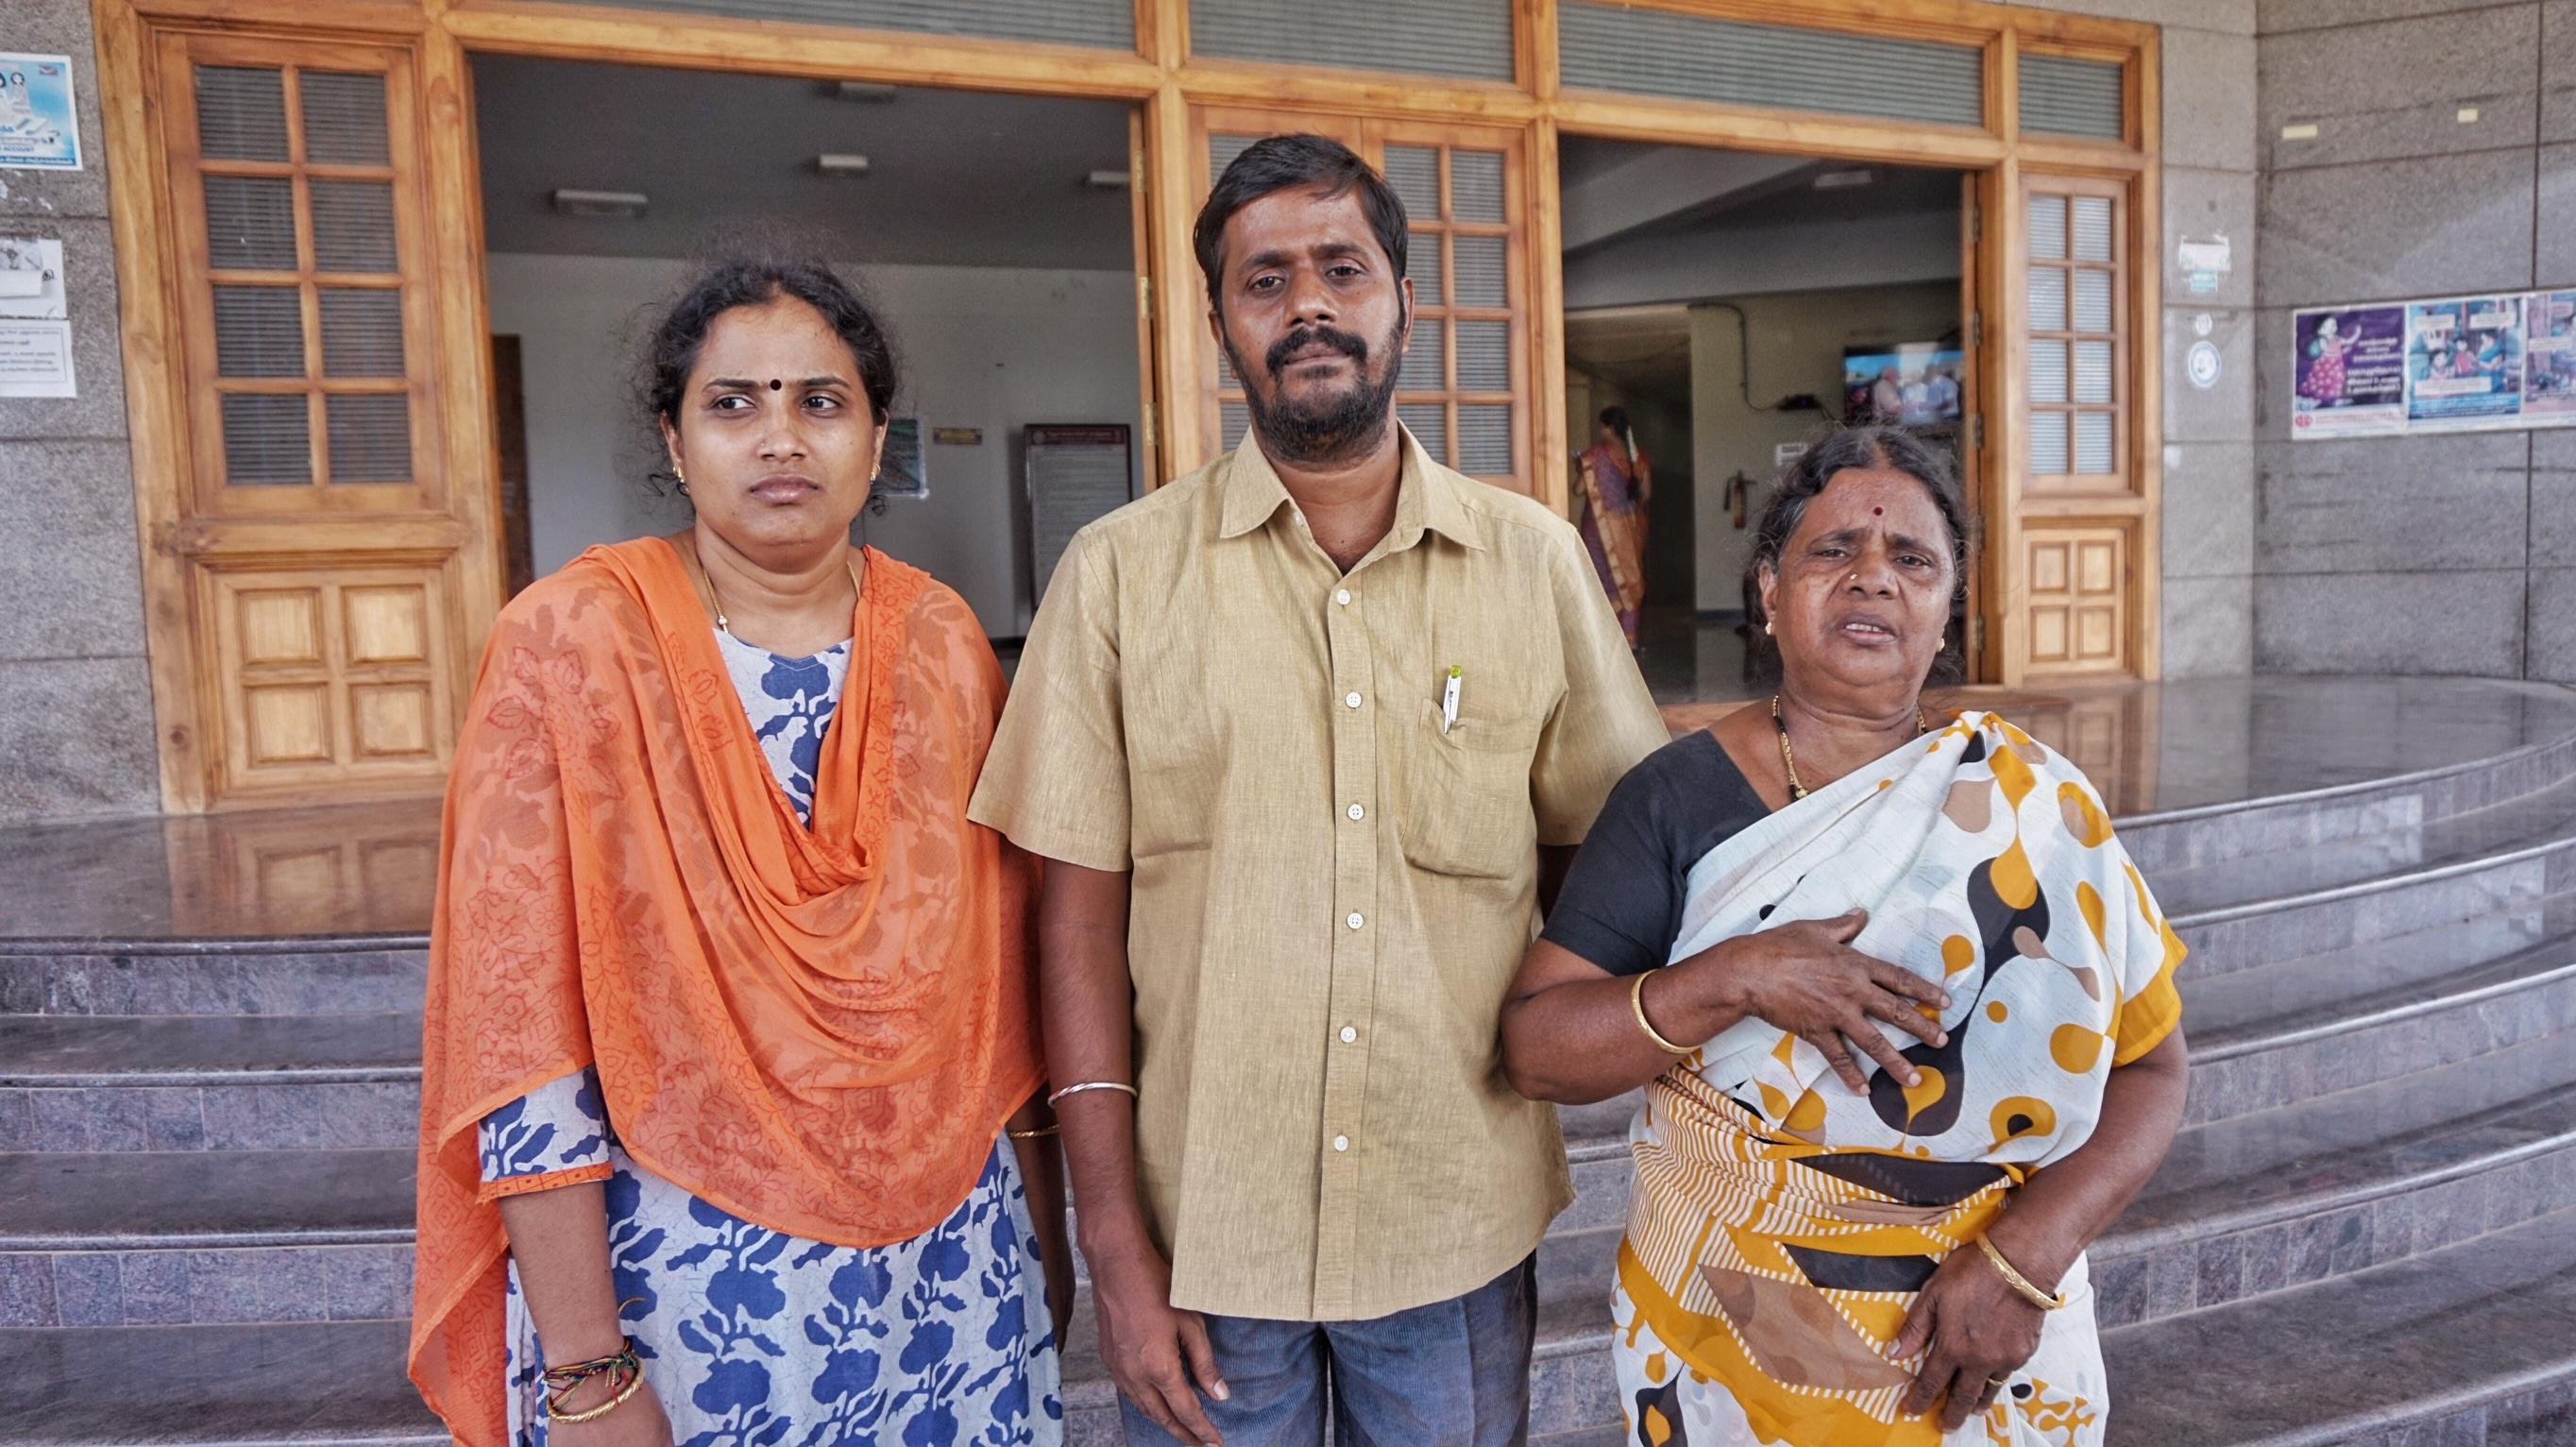 தர்ணாவில் ஆராவமுதன் குடும்பத்தினர்